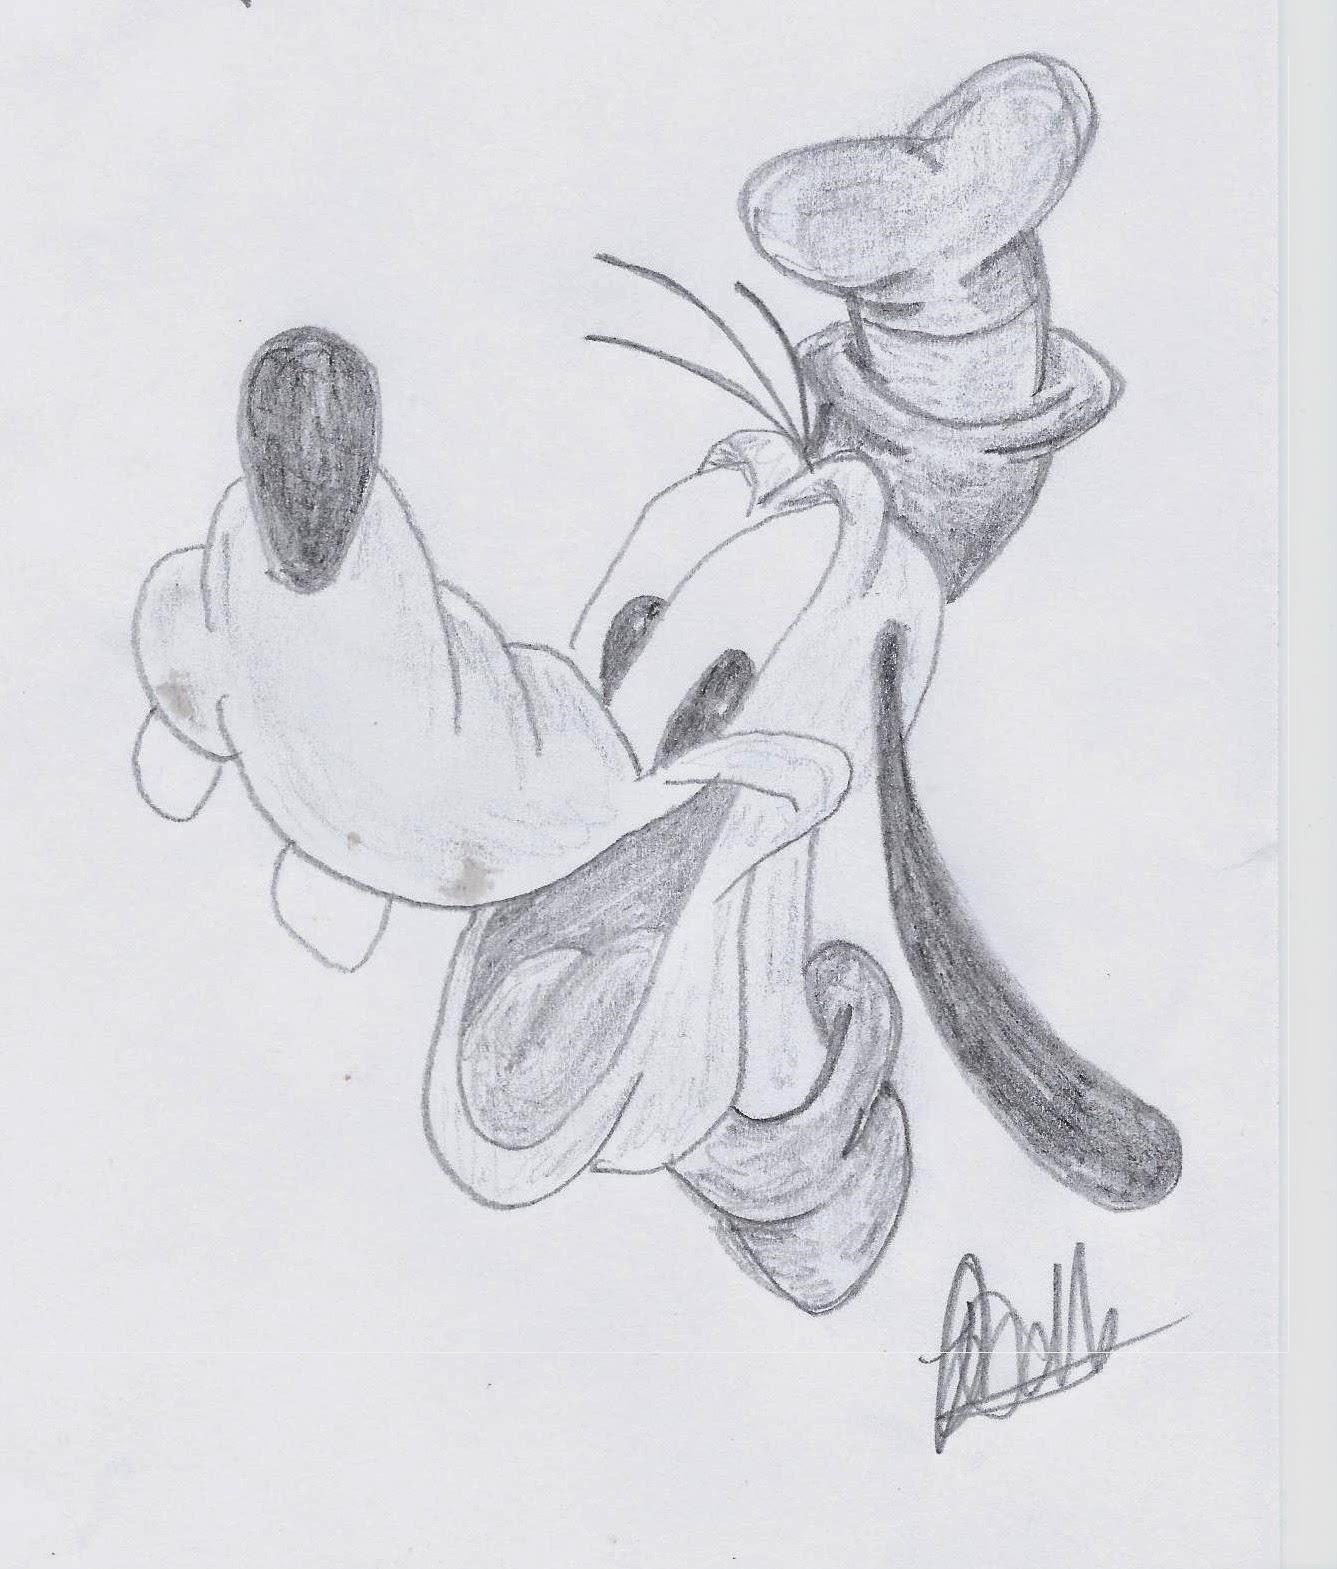 迪士尼插画研究:经典迪士尼www.JoLinsdell.com,高飞